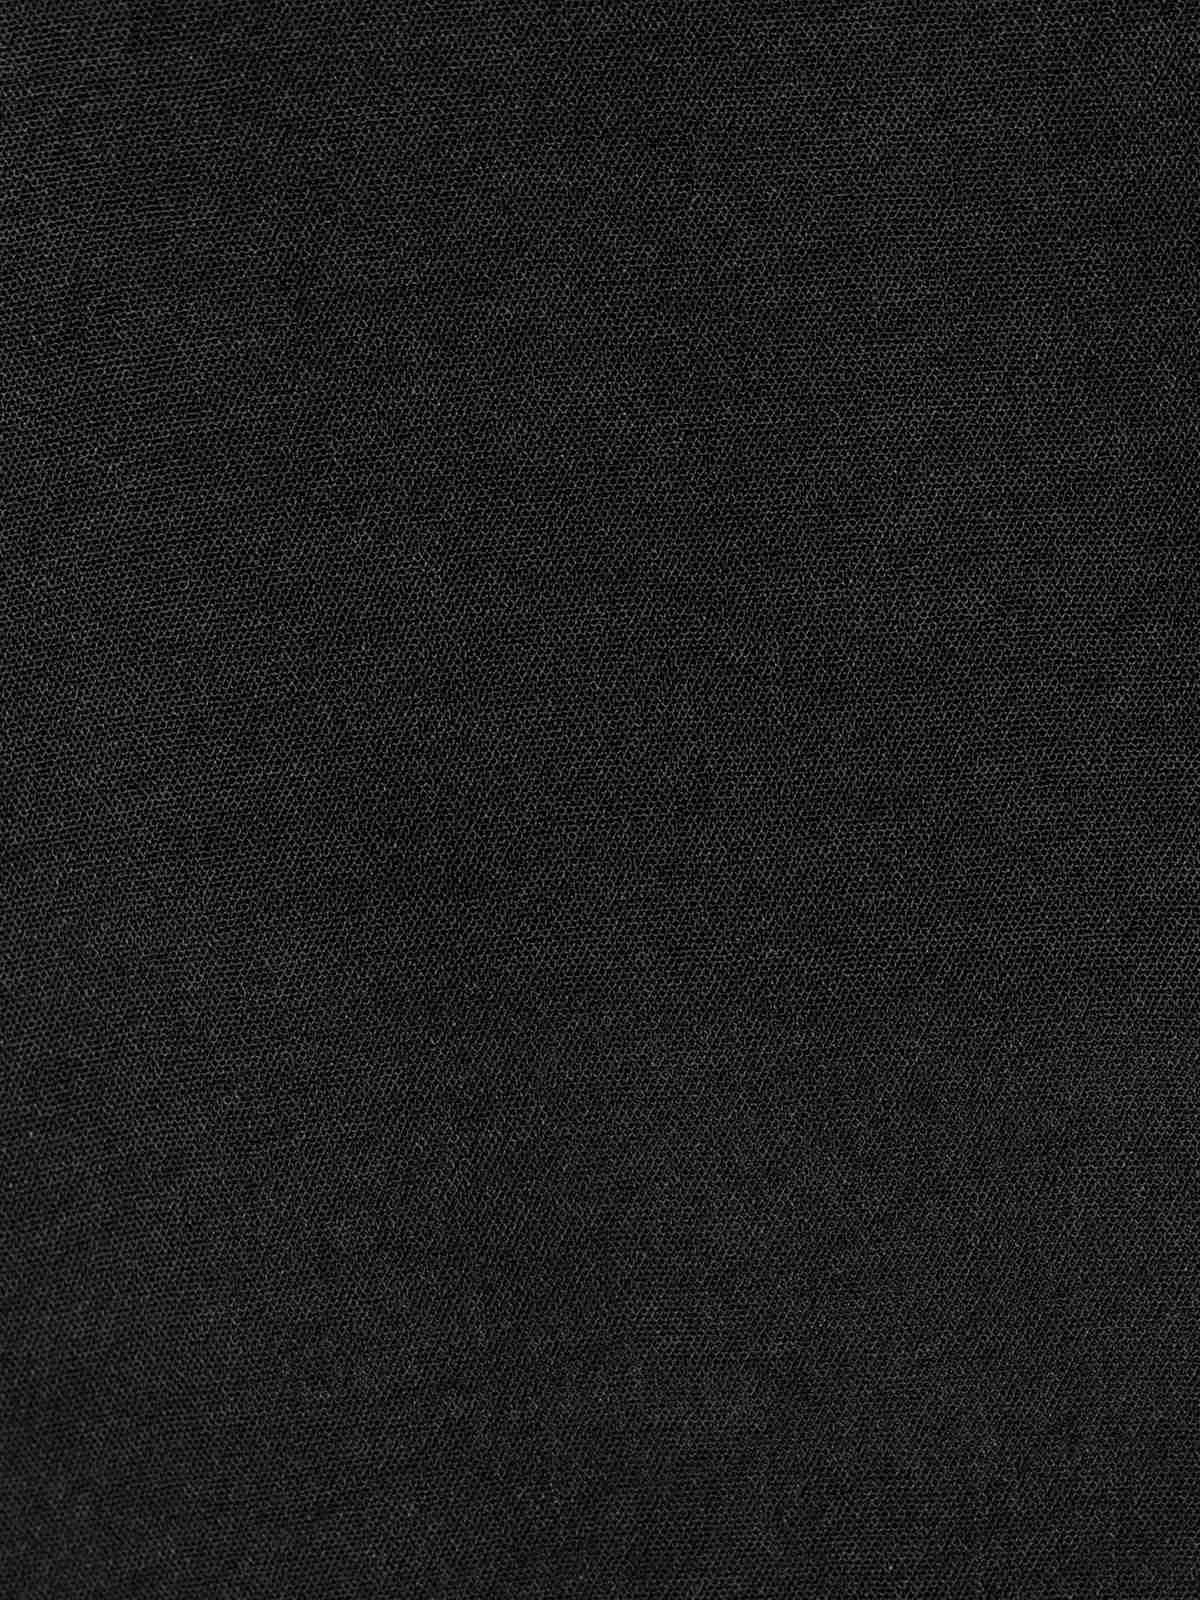 Blusa mujer fluida detalle en bajo Negro